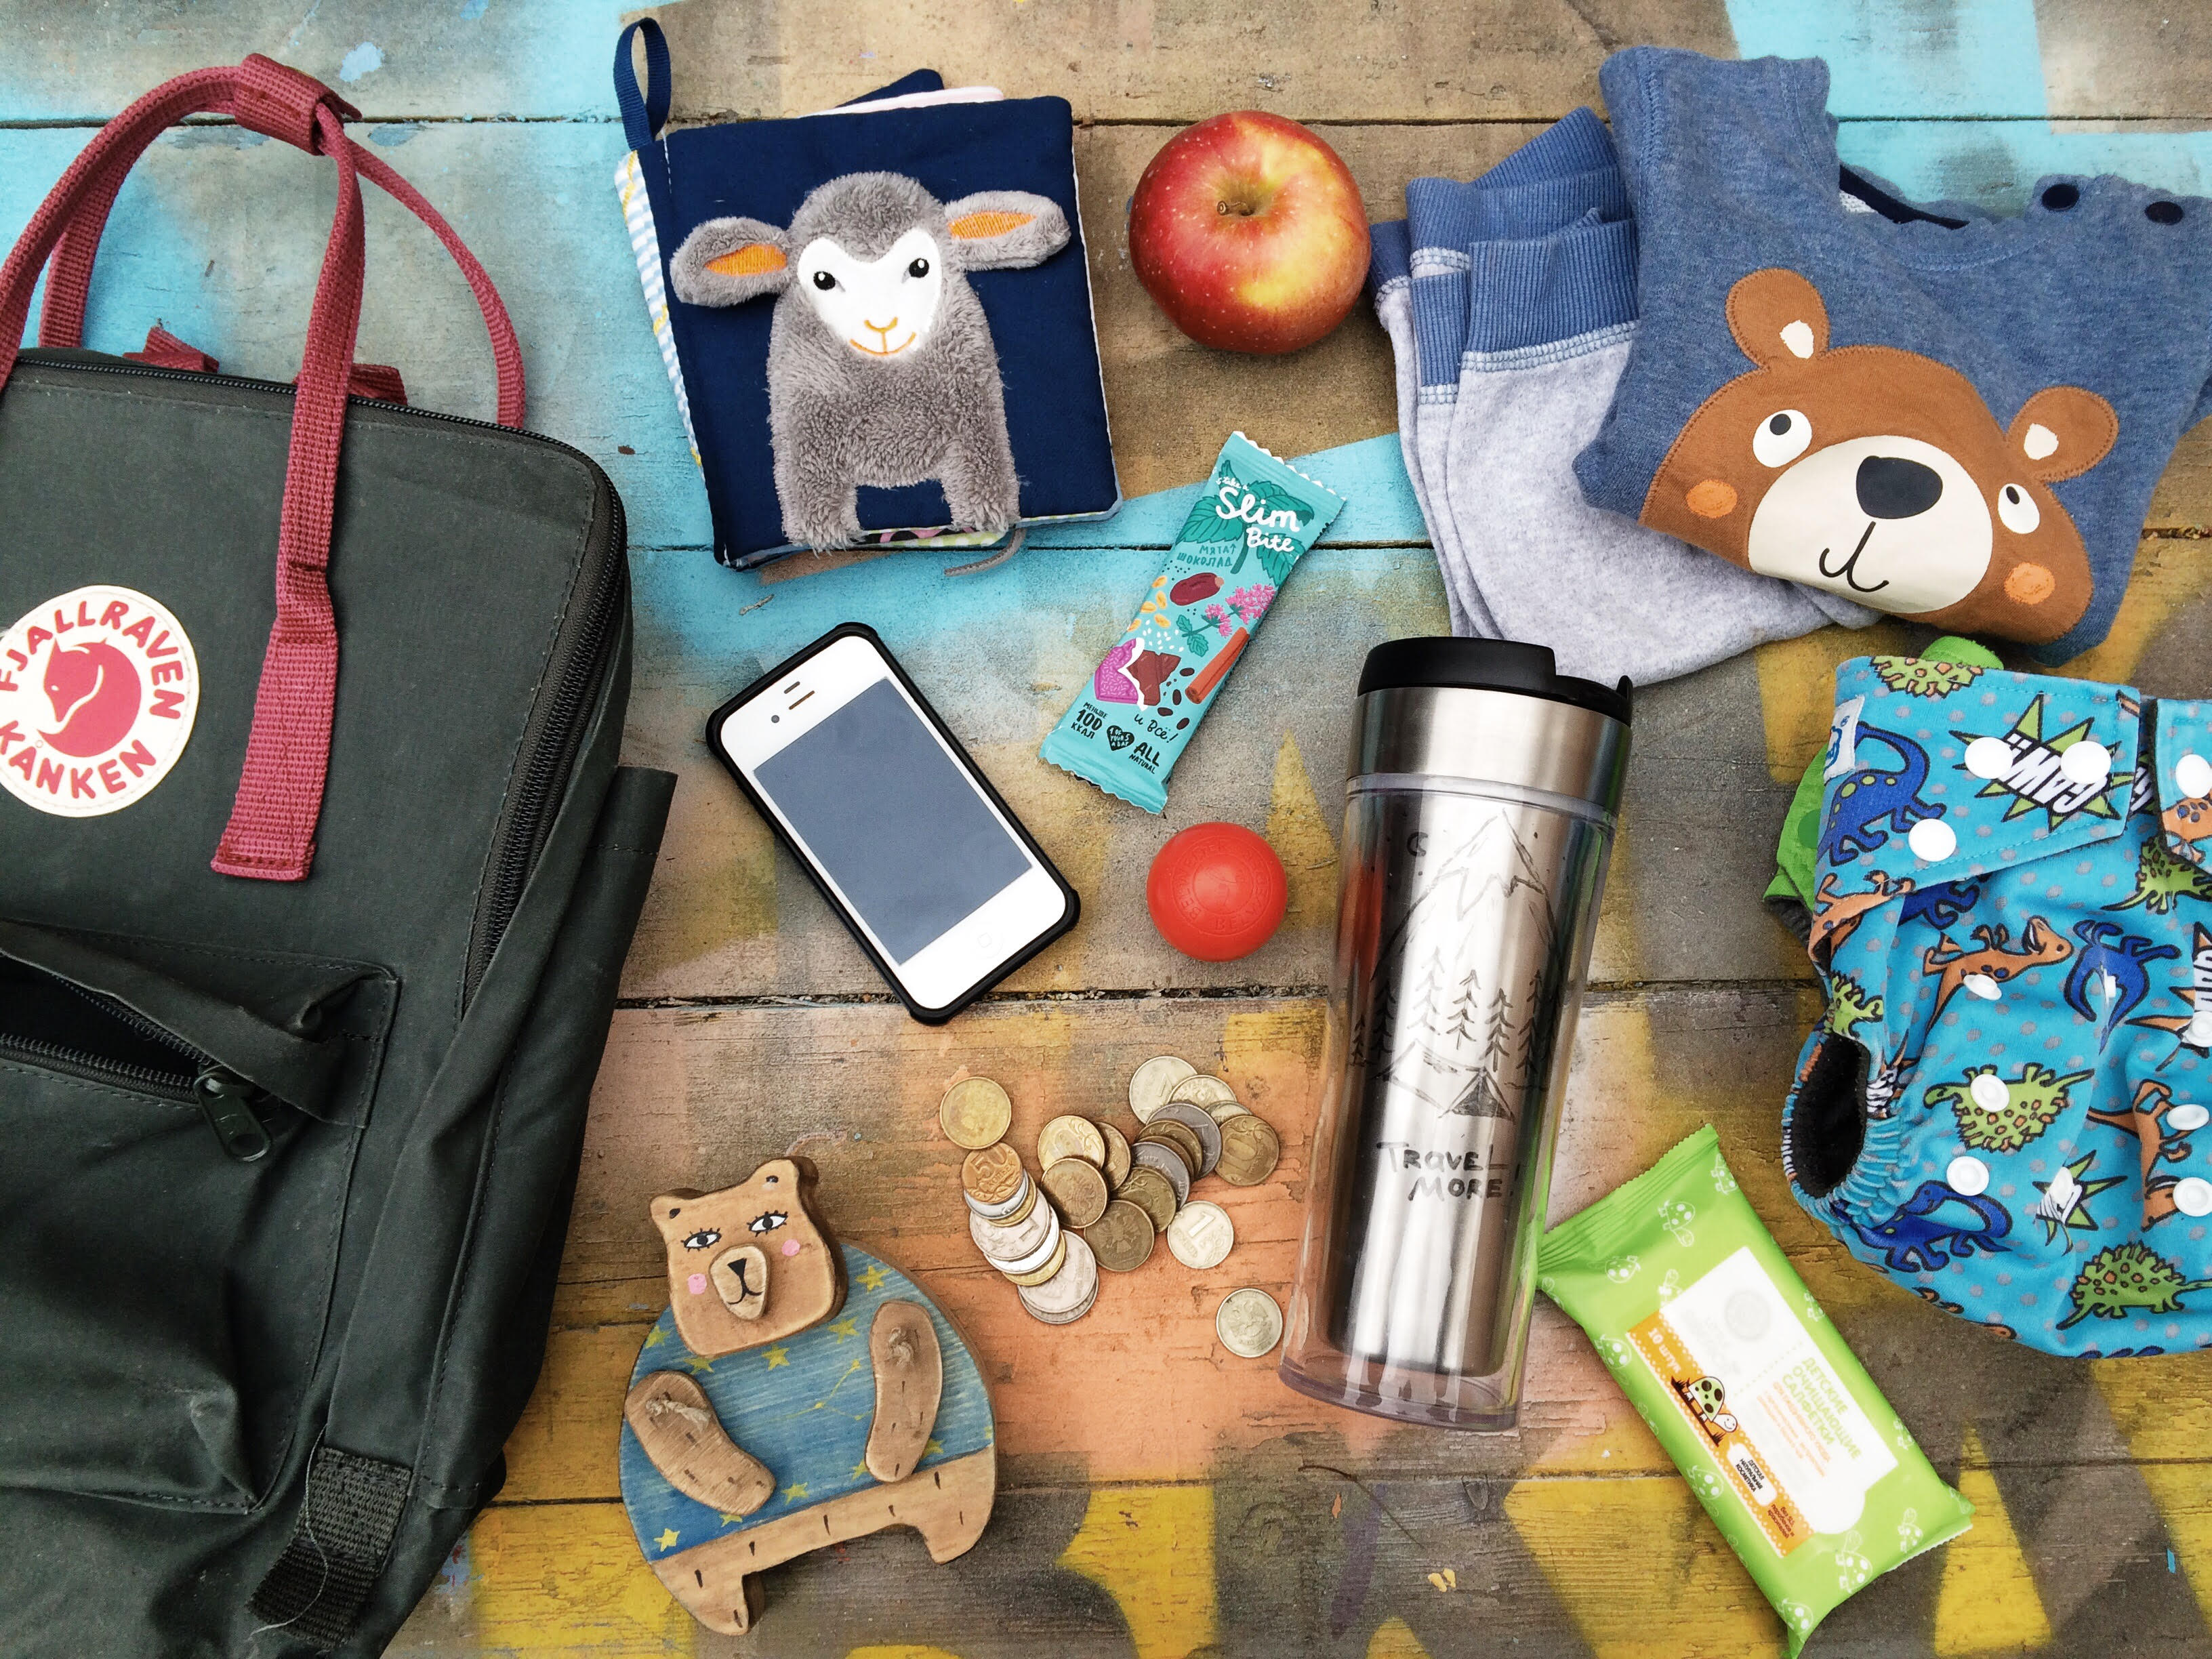 Саша Дедова, ее рюкзак и медведь «Грызли»